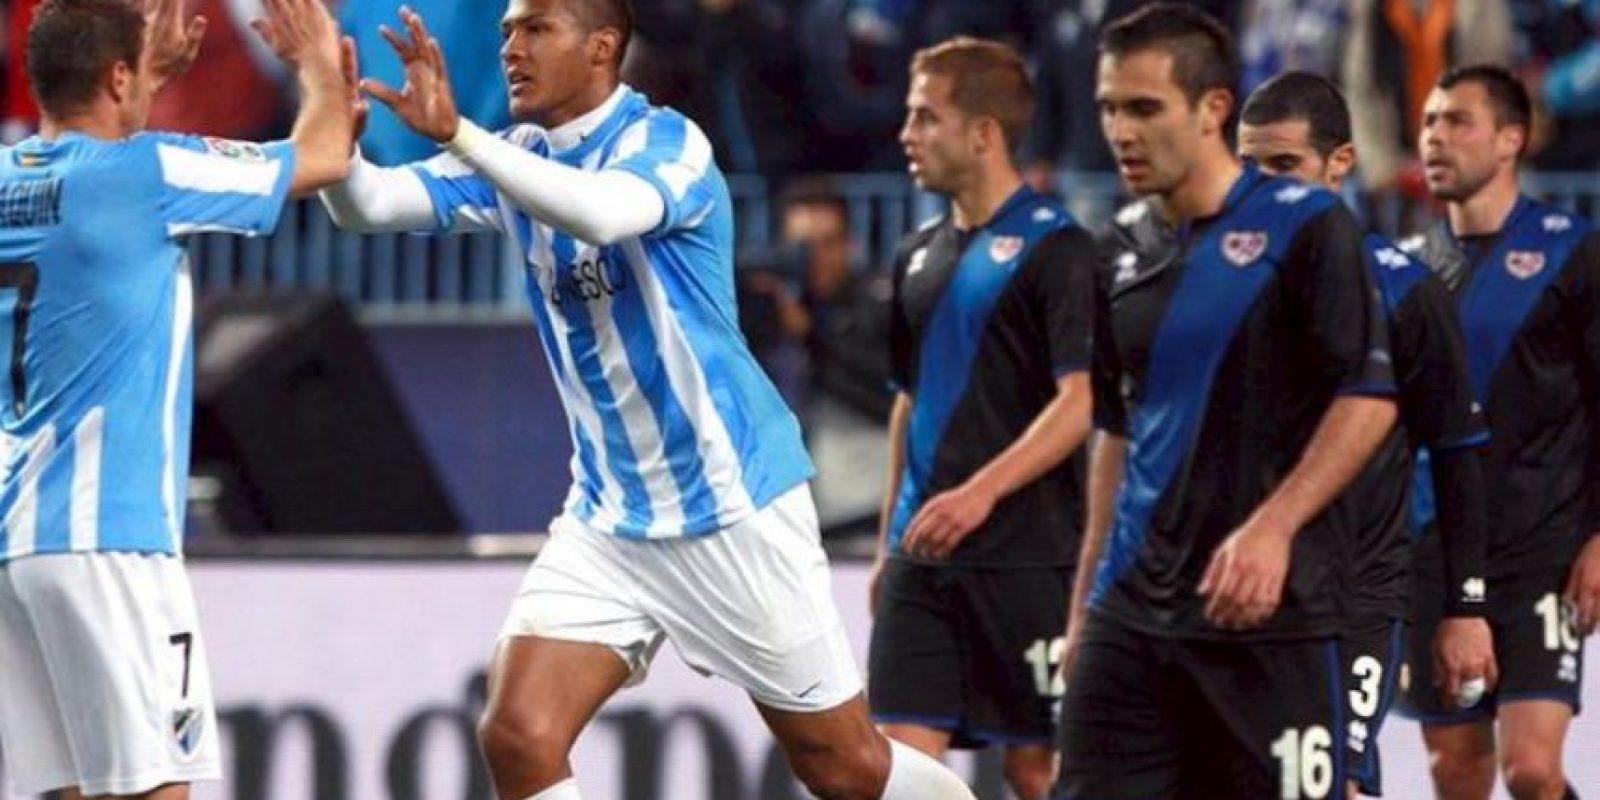 Los jugadores del Málaga, el centrocampista Joaquín (i) y el delantero venezolano, José Salomón Rondón (2i), celebran el primer gol del equipo malacitano, ante los jugadores del Rayo Vallecano, durante el partido correspondiente a la vigésima novena jornada de Primera División, que disputaron en el estadio de la Rosaleda en Málaga. EFE